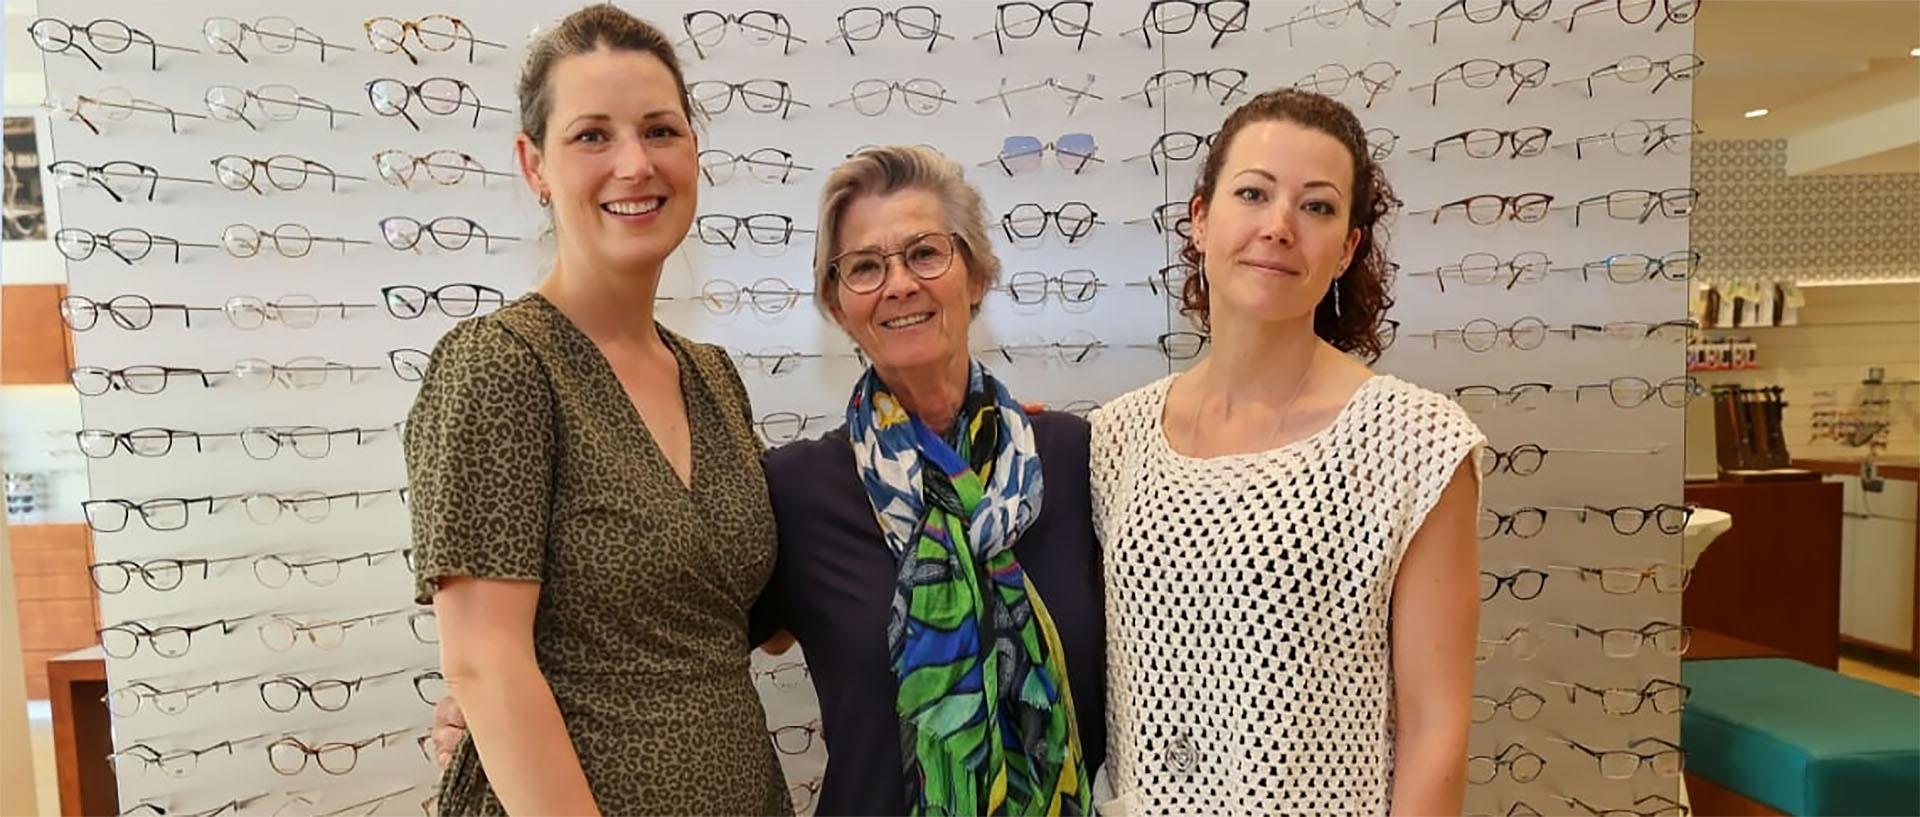 Thea rondt optiek-opleiding af tussen de tieners